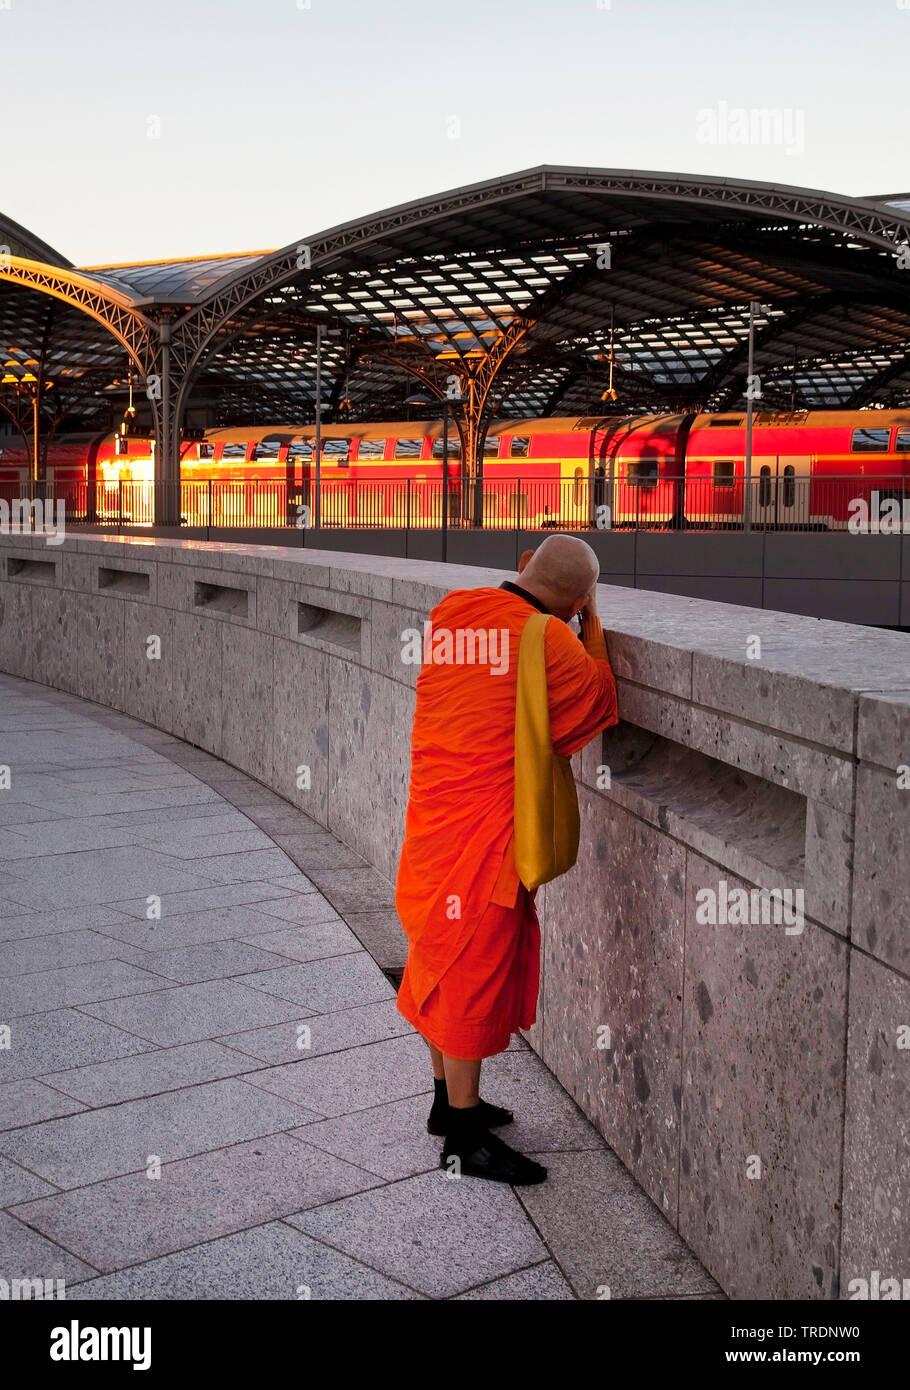 buddhistischer Moench fotografiert den Koelner Hauptbahnhof im letzten Abendlicht, Deutschland, Nordrhein-Westfalen, Rheinland, Koeln   buddhistic mon - Stock Image